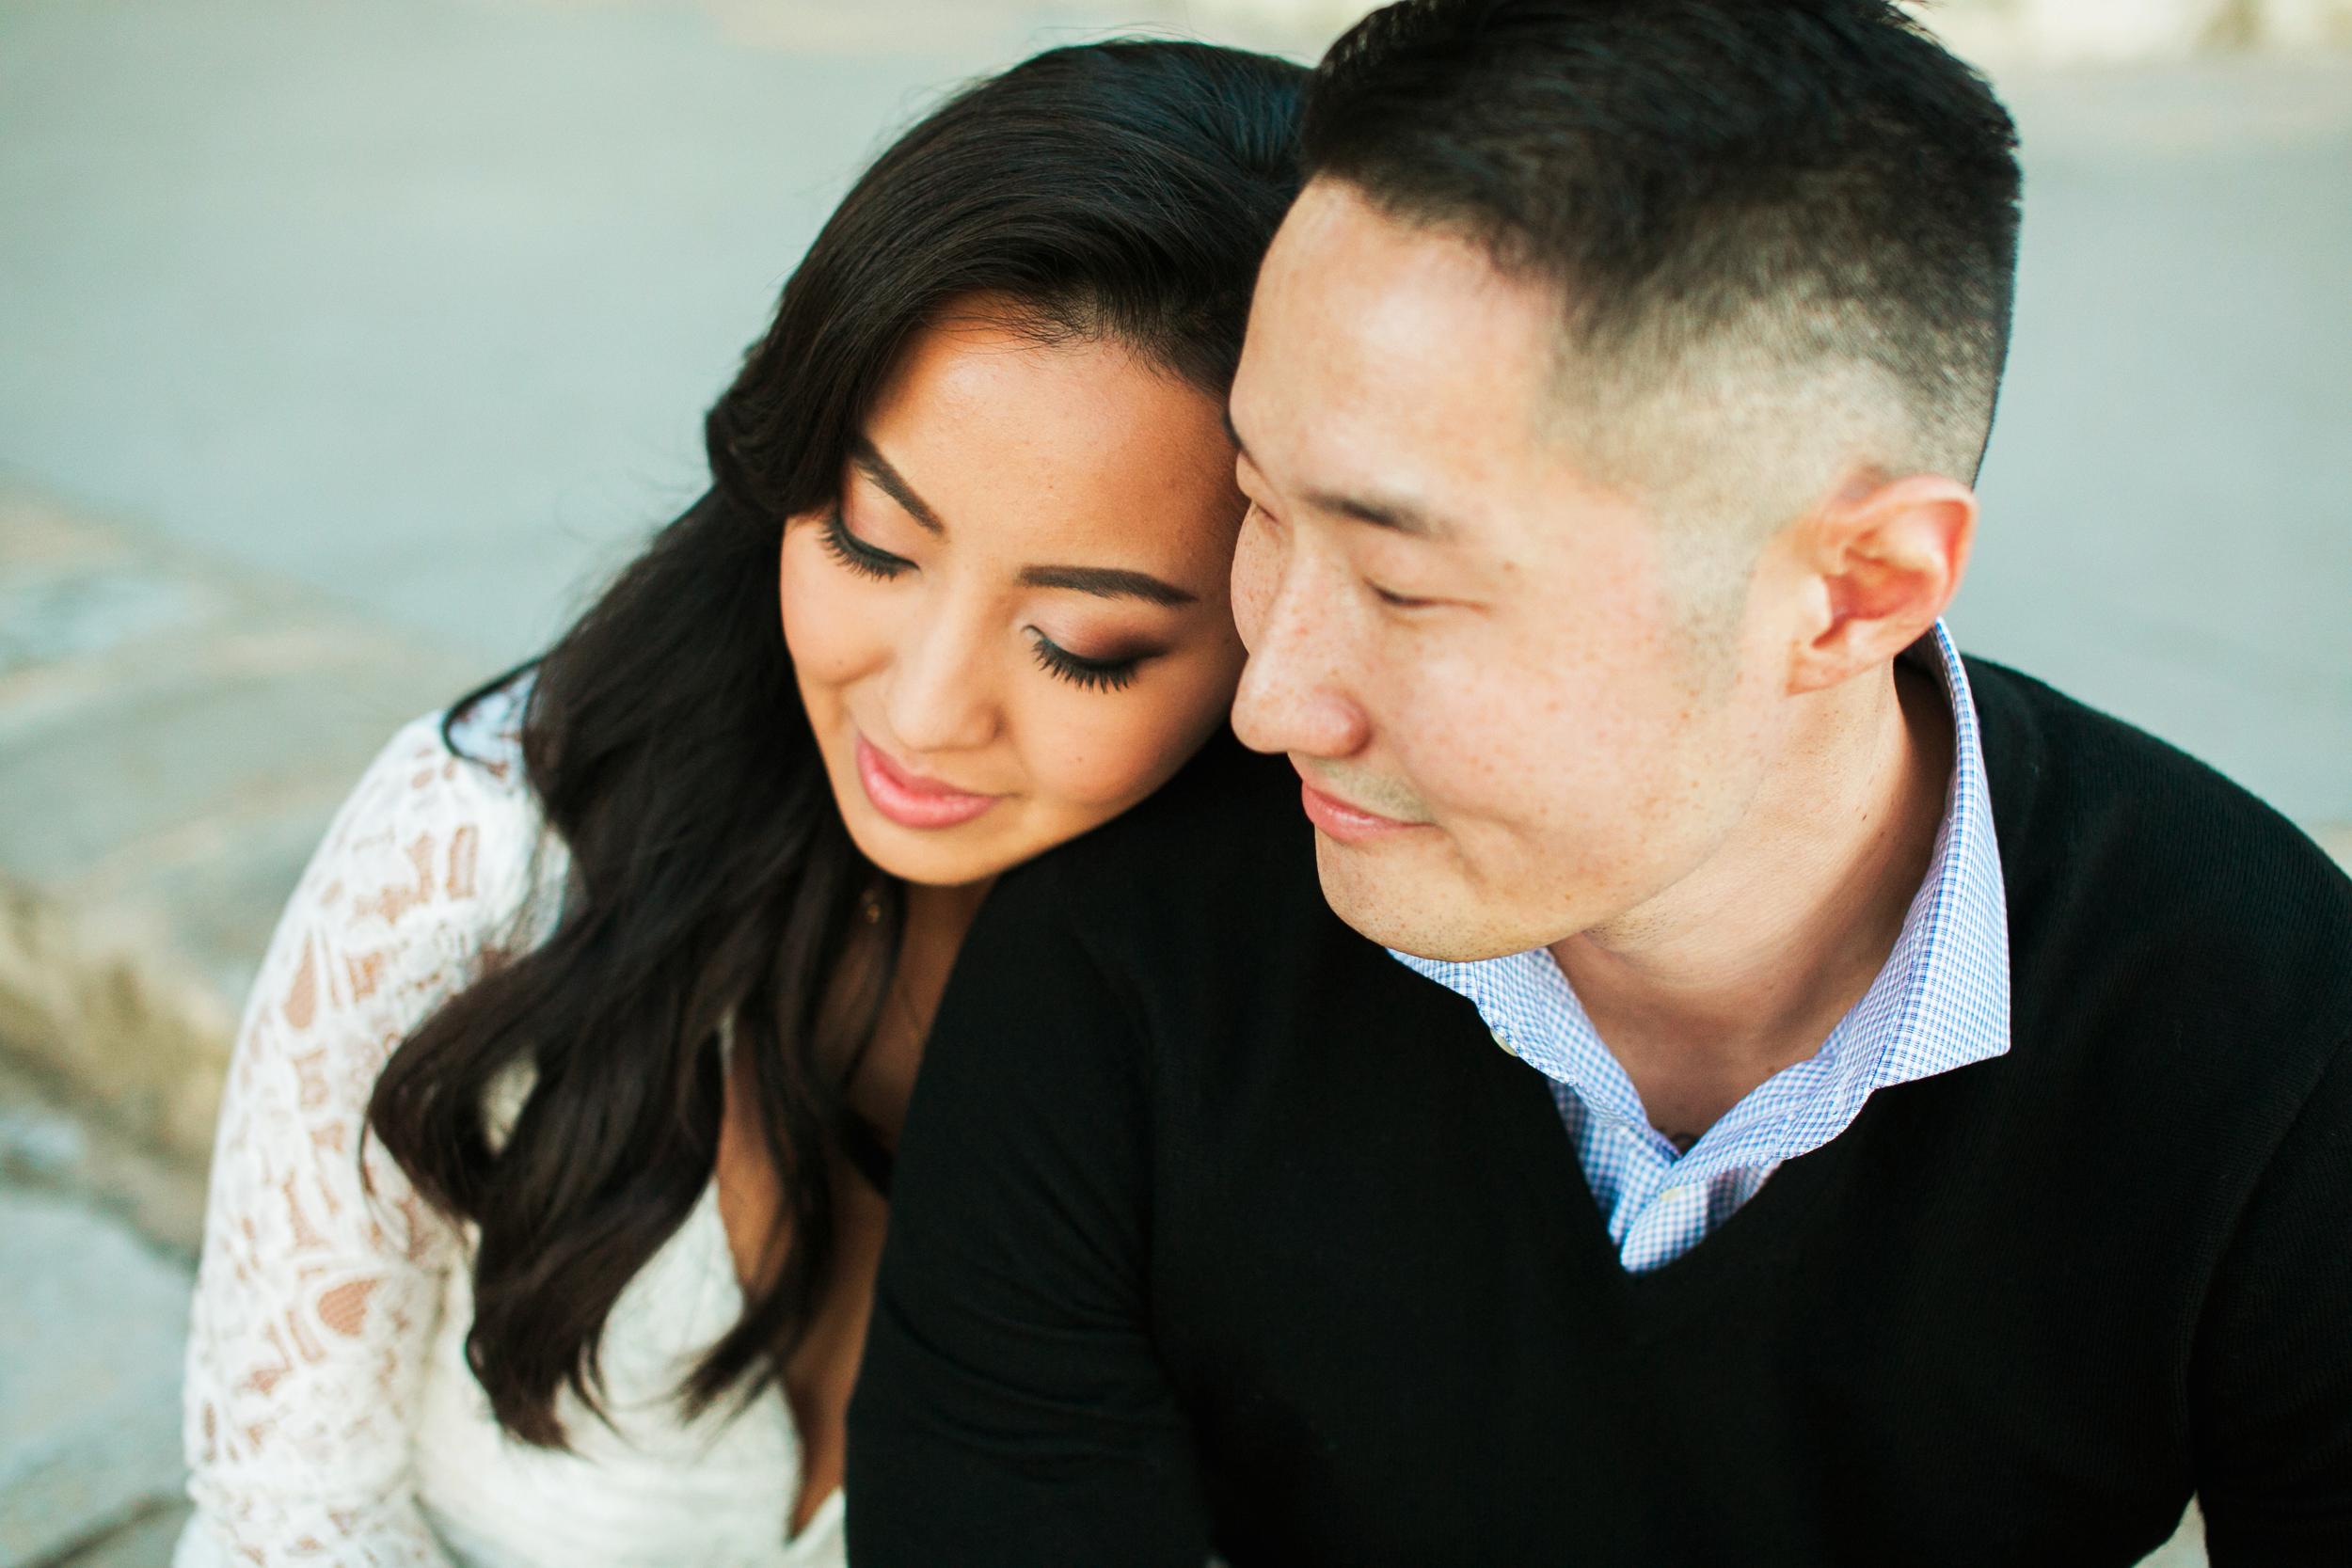 Engagement-094.jpg